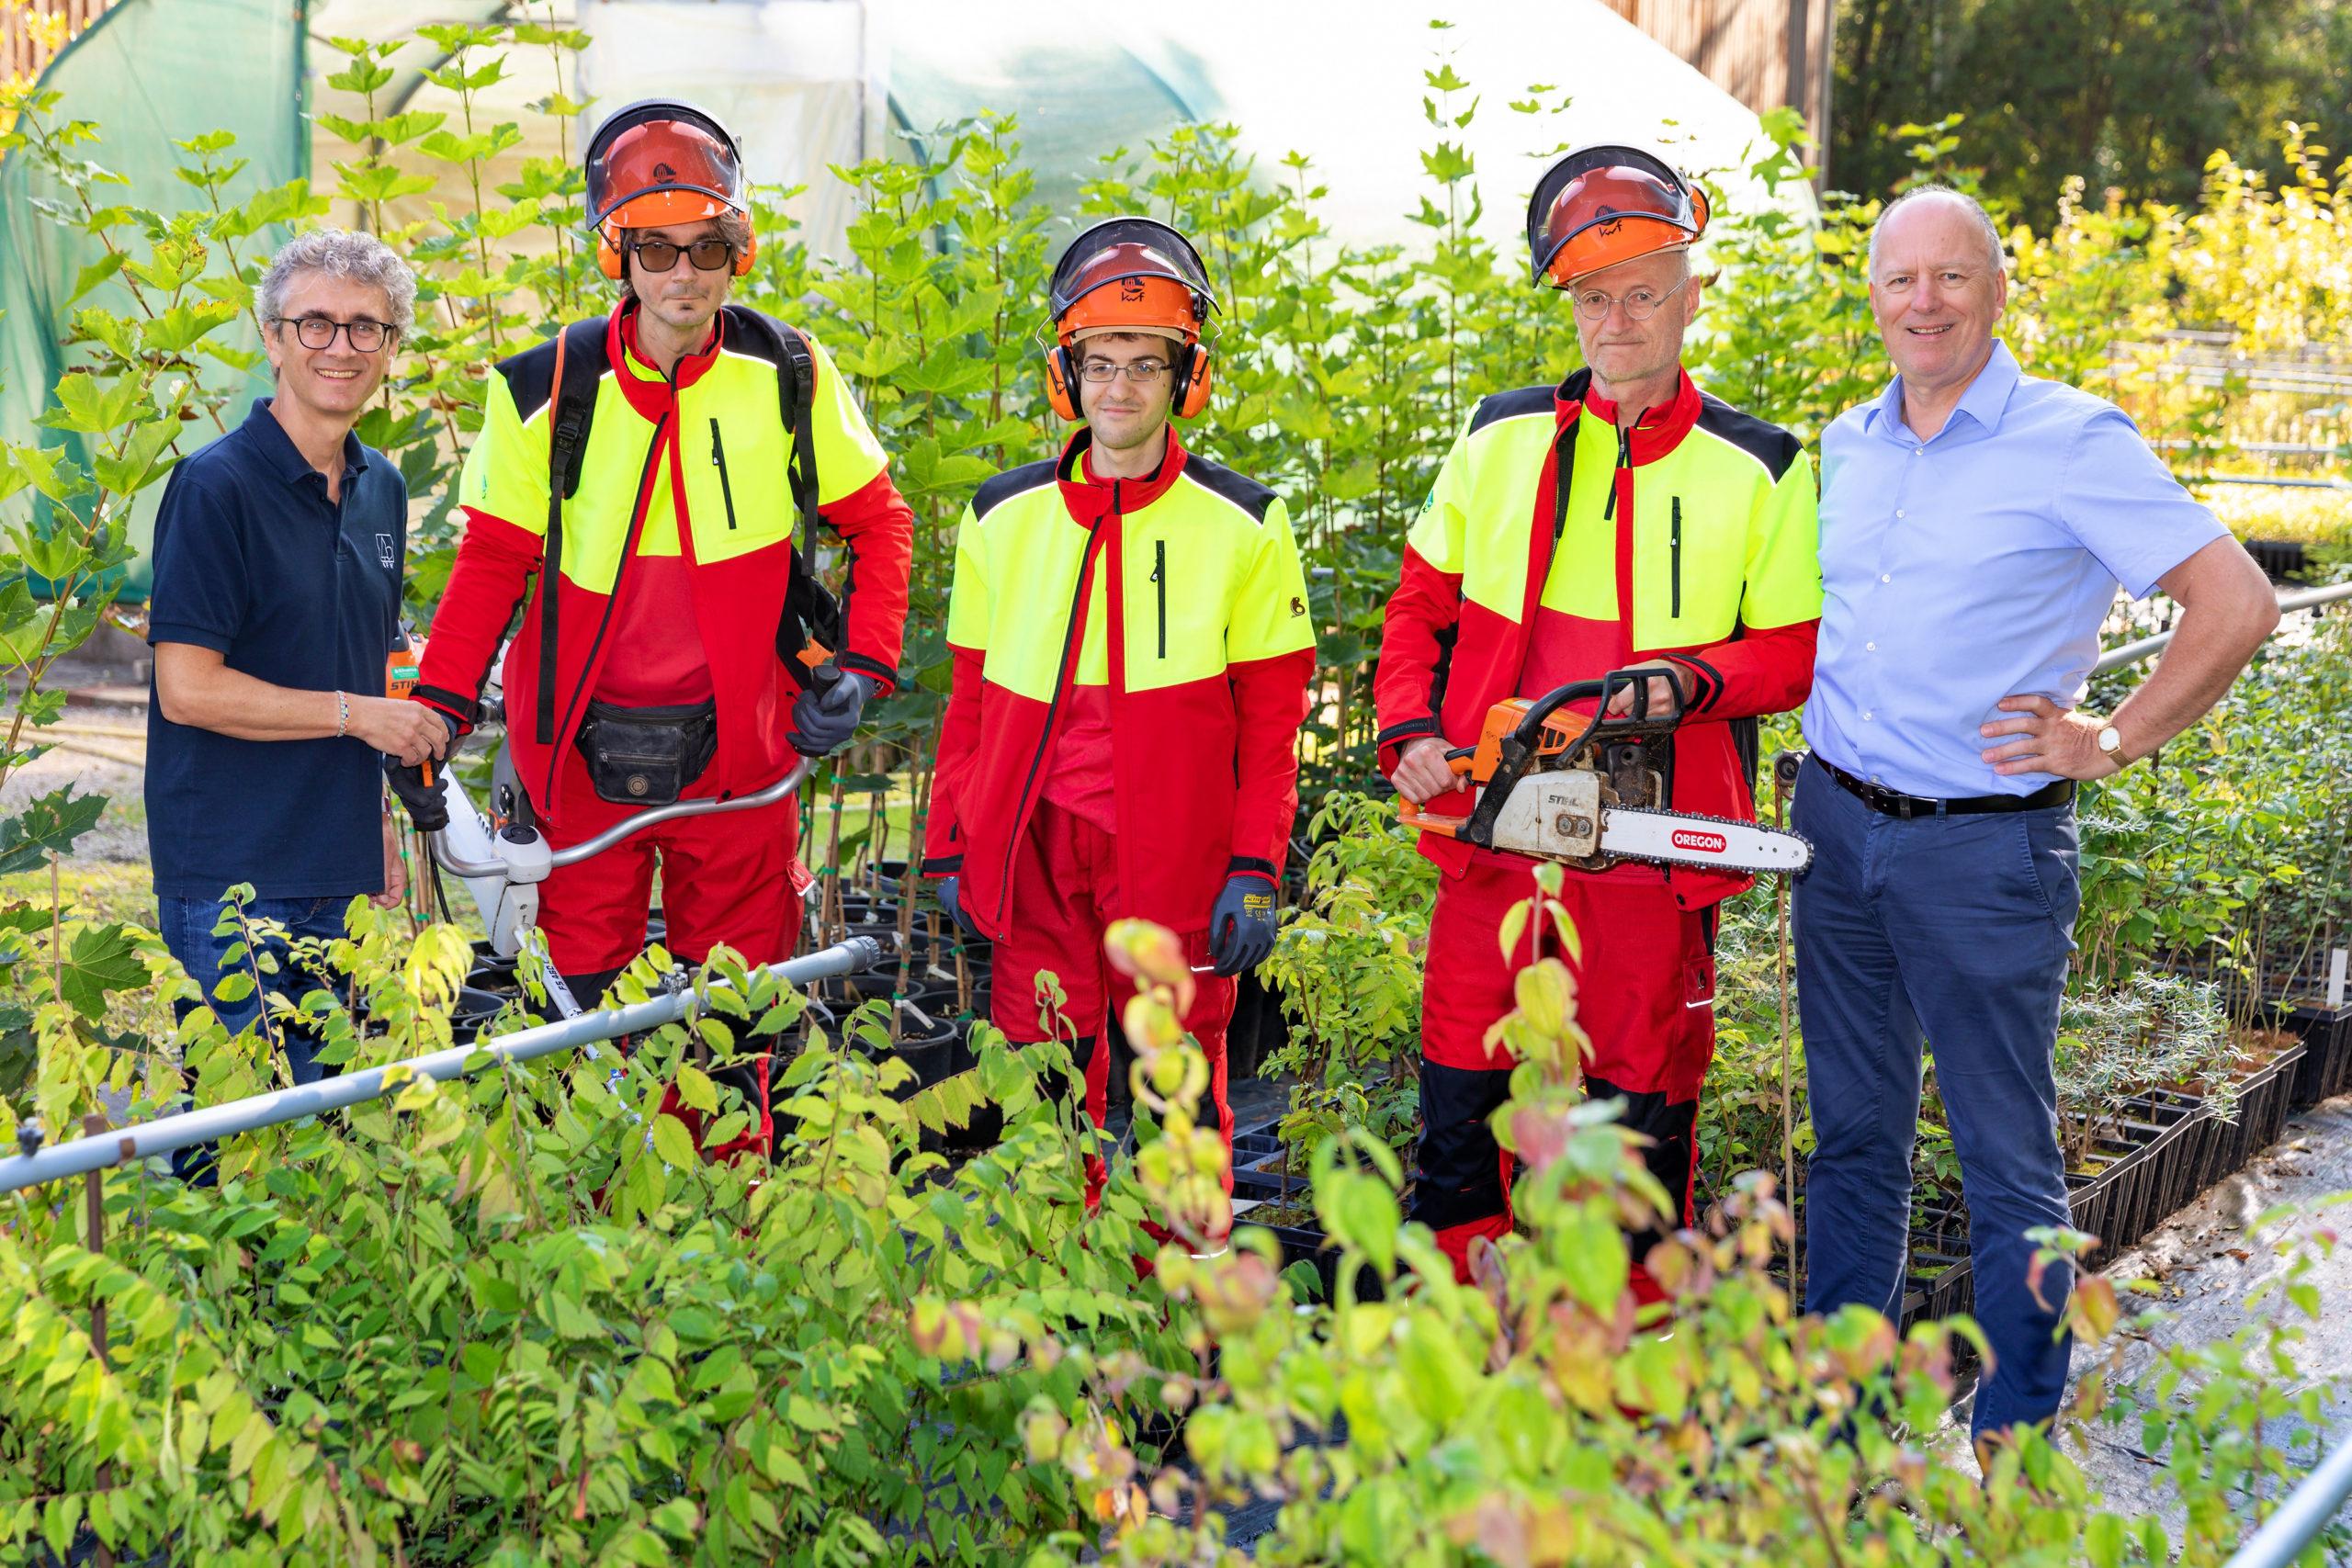 % Personen stehen in einem Forstgarten. Drei Personen tragen eine Sicherheitsausrüstung.